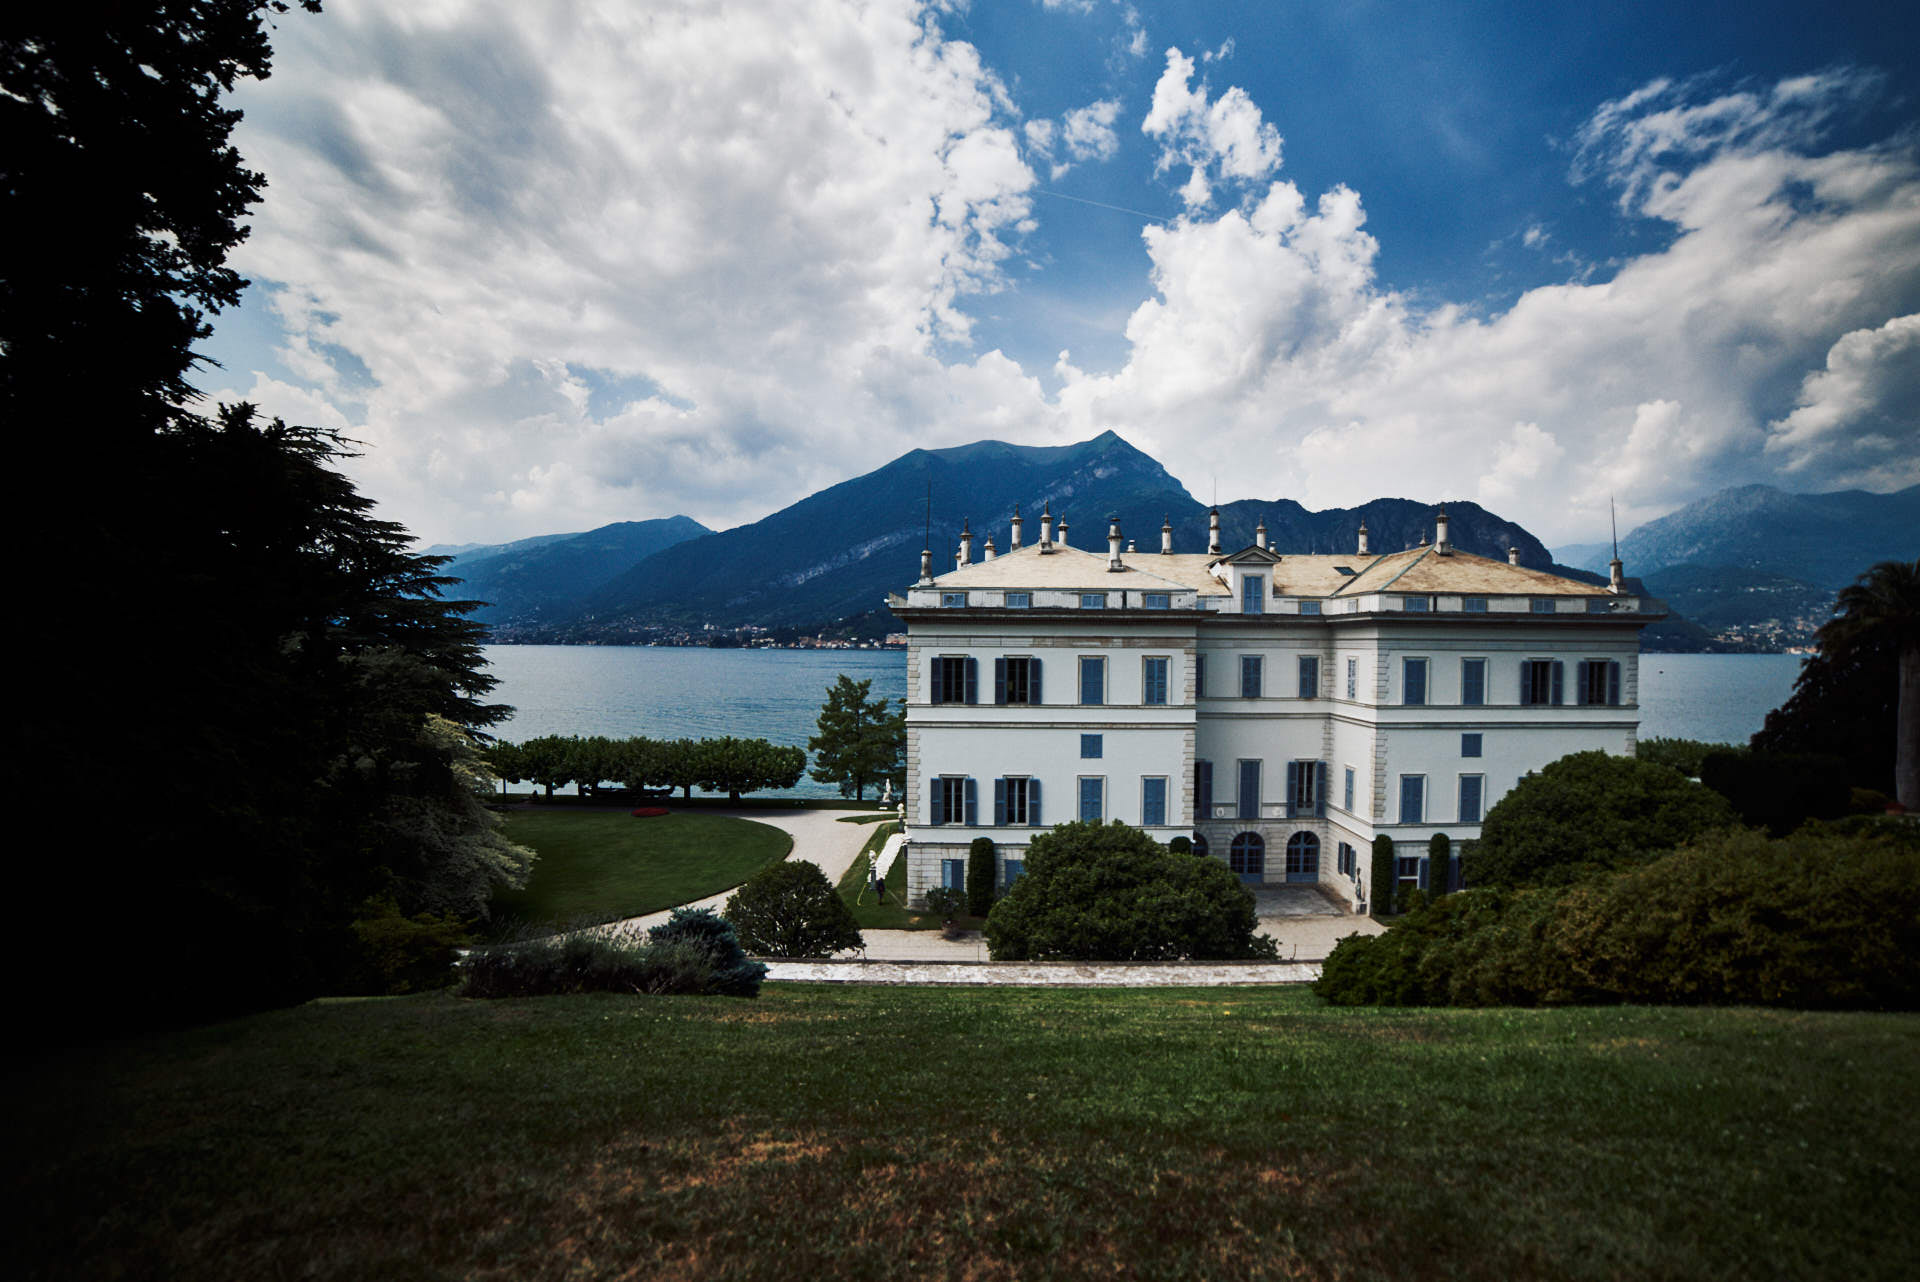 Villa di Melzi - Bellagio - Lago di Como - Milán - José Álvarez Fotografía